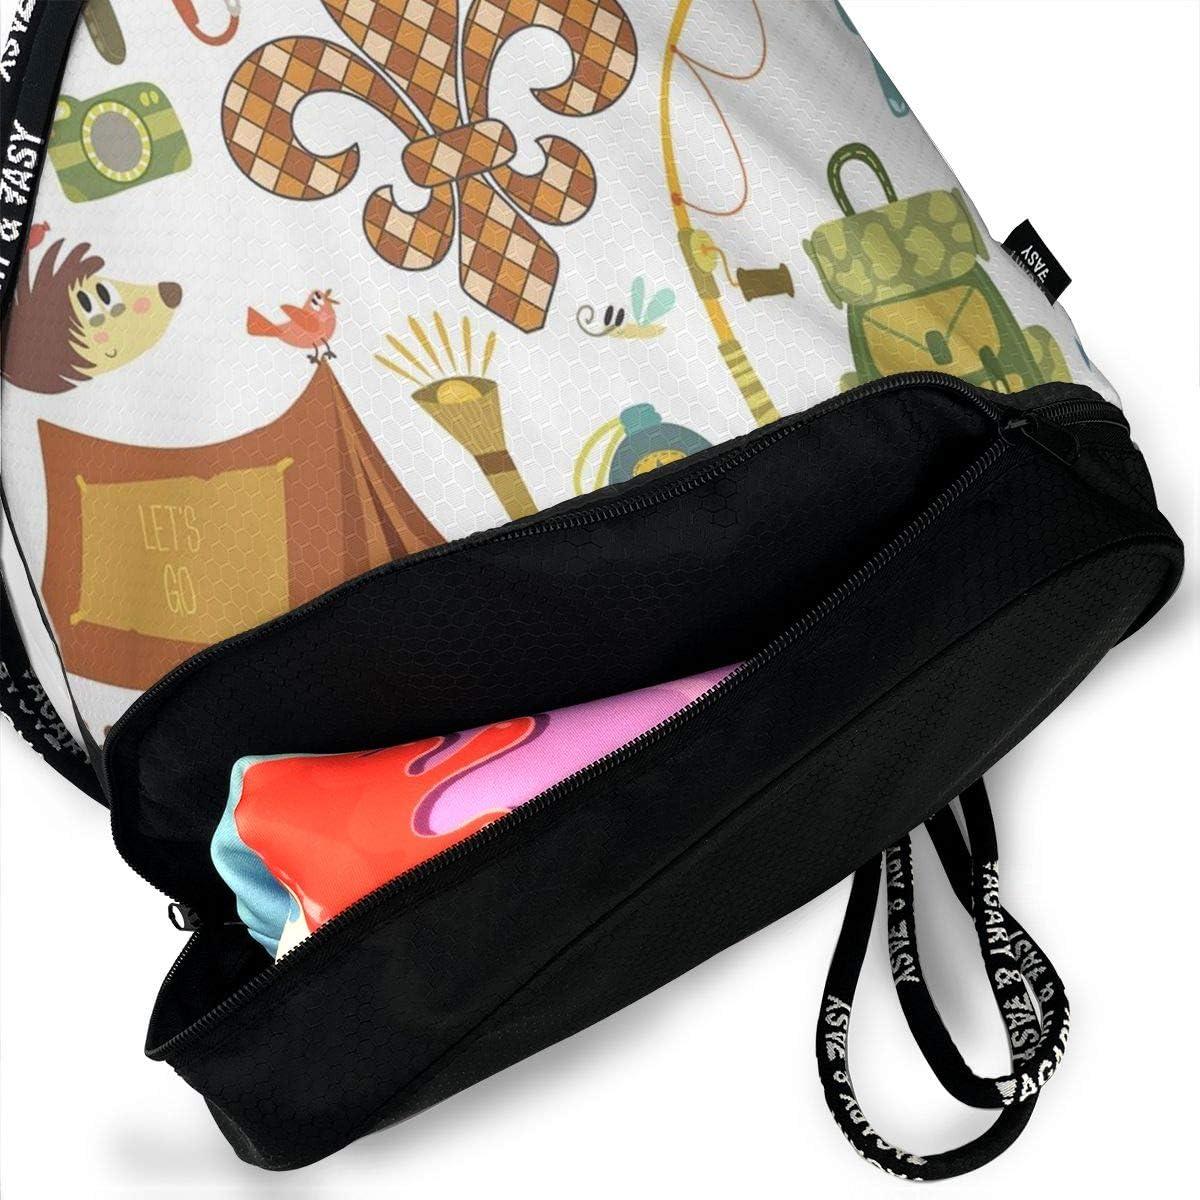 Camping Equipments Multifunctional Bundle Backpack Shoulder Bag For Men And Women